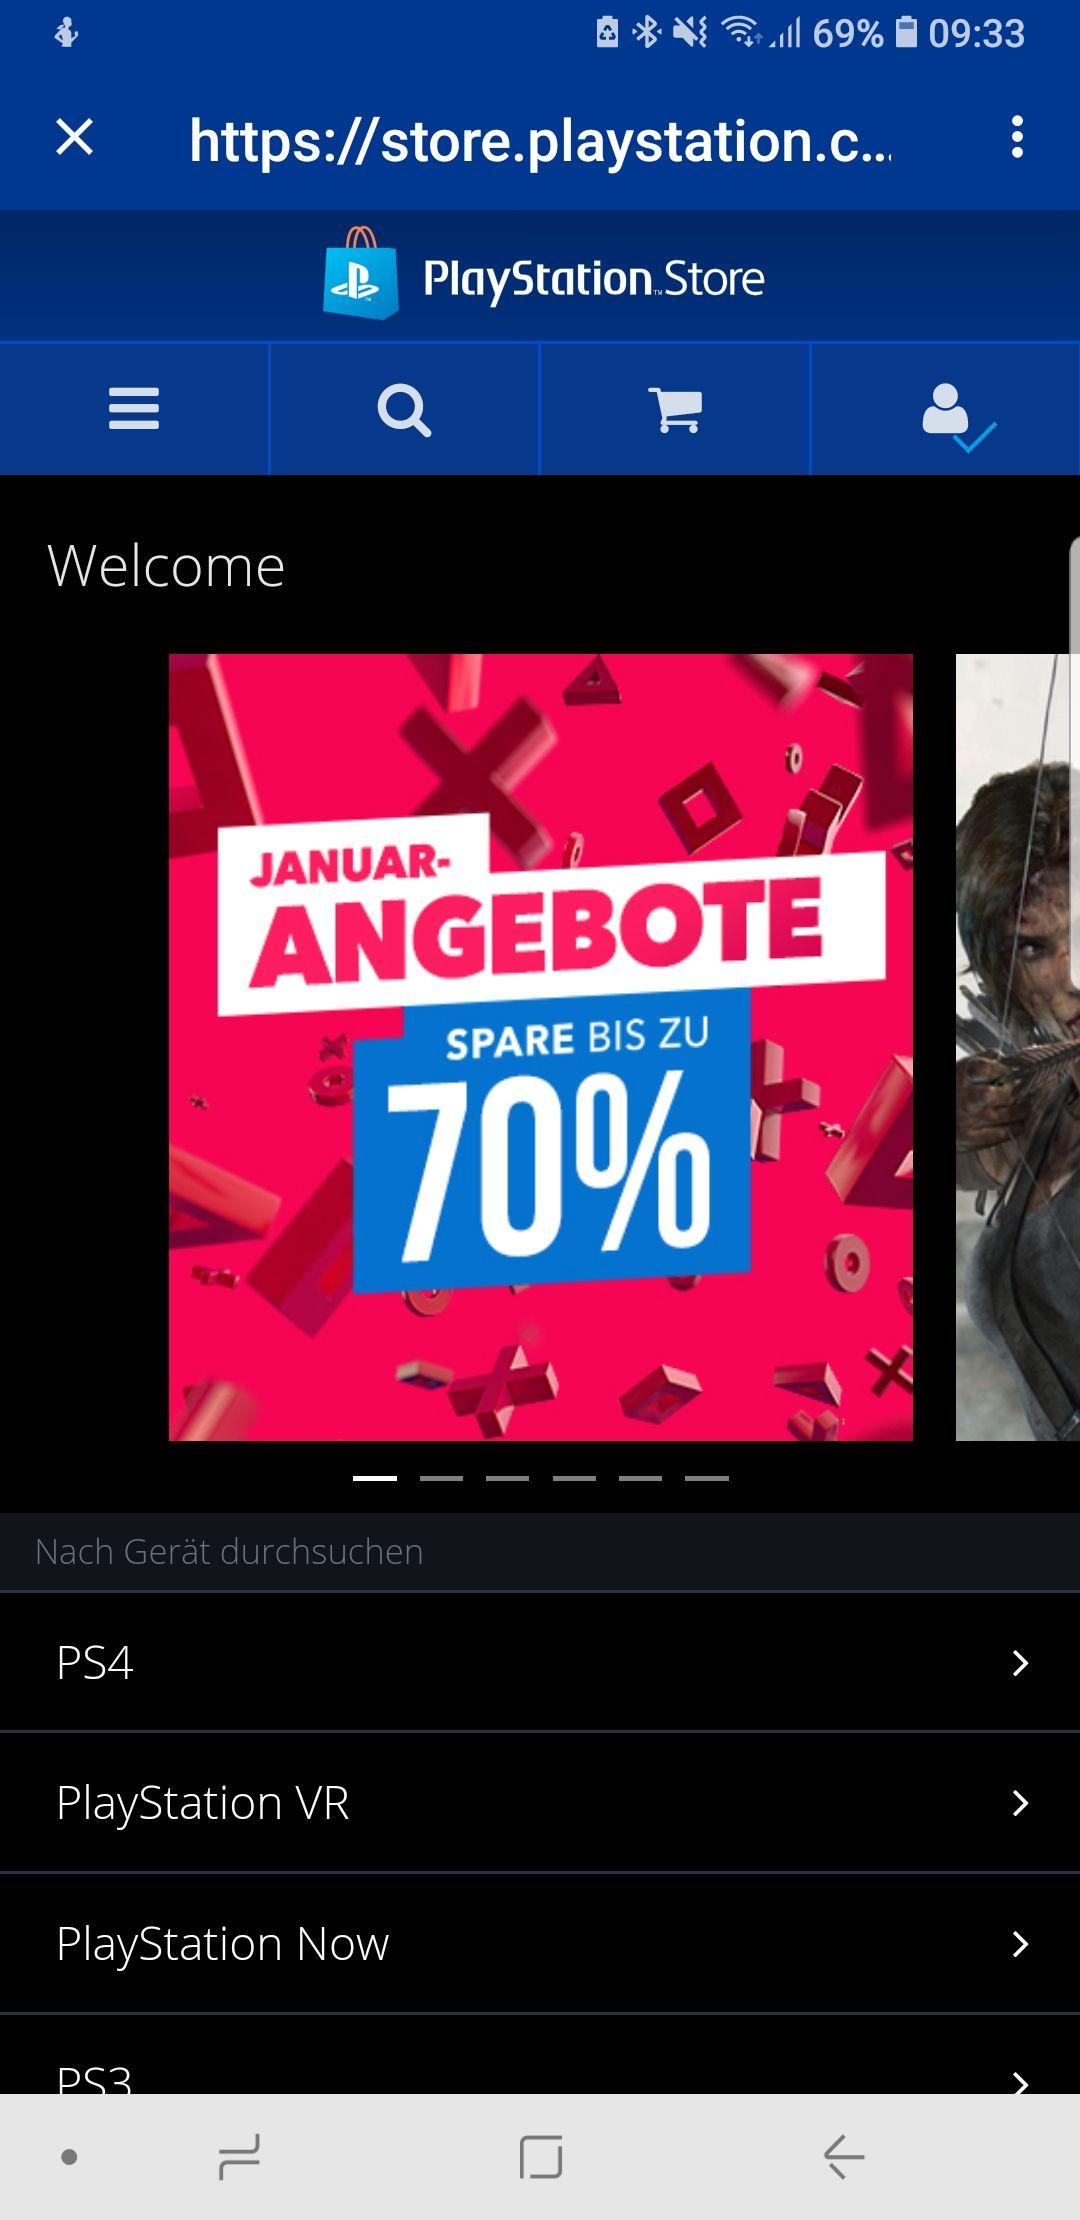 PlayStation Store spare bis zu 70%